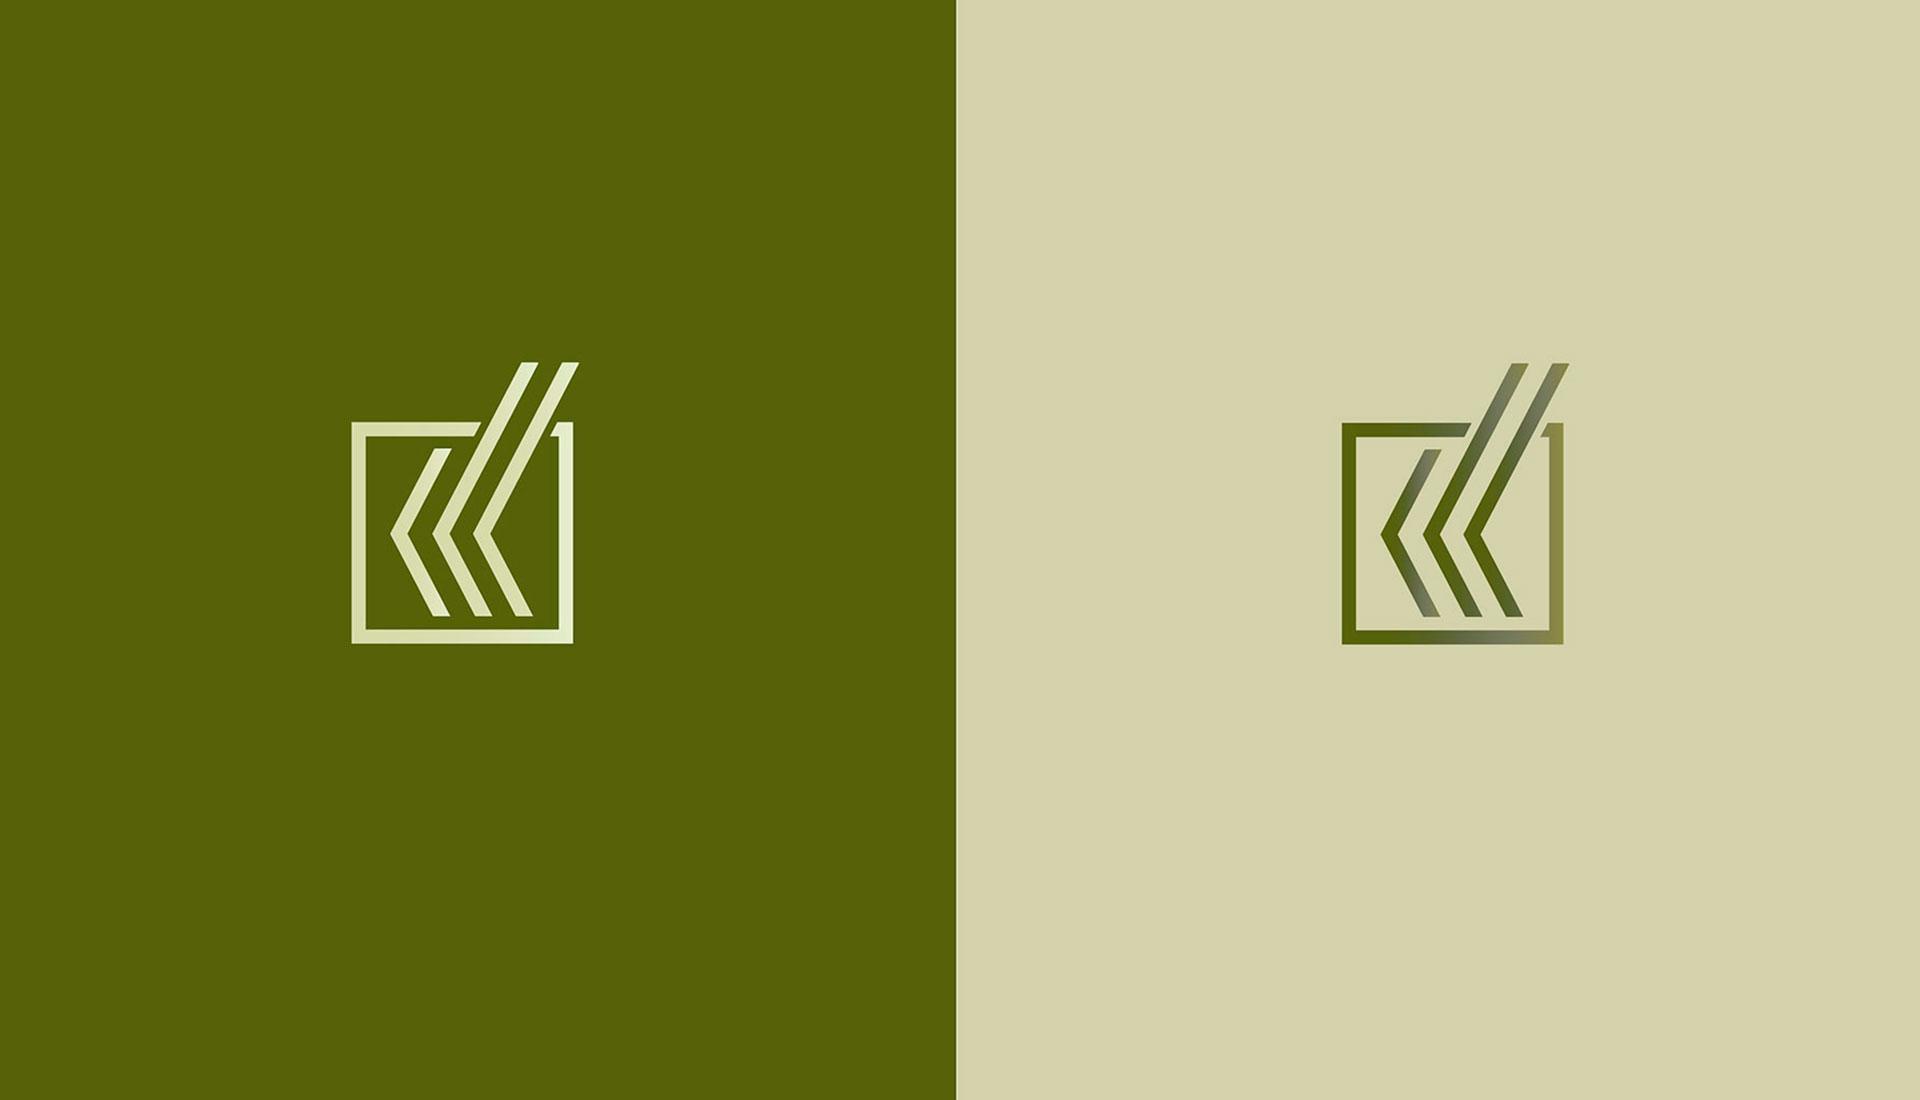 agencia-marketing-digital-valencia-identidad-corporativa-branding-seguros-balsells-08